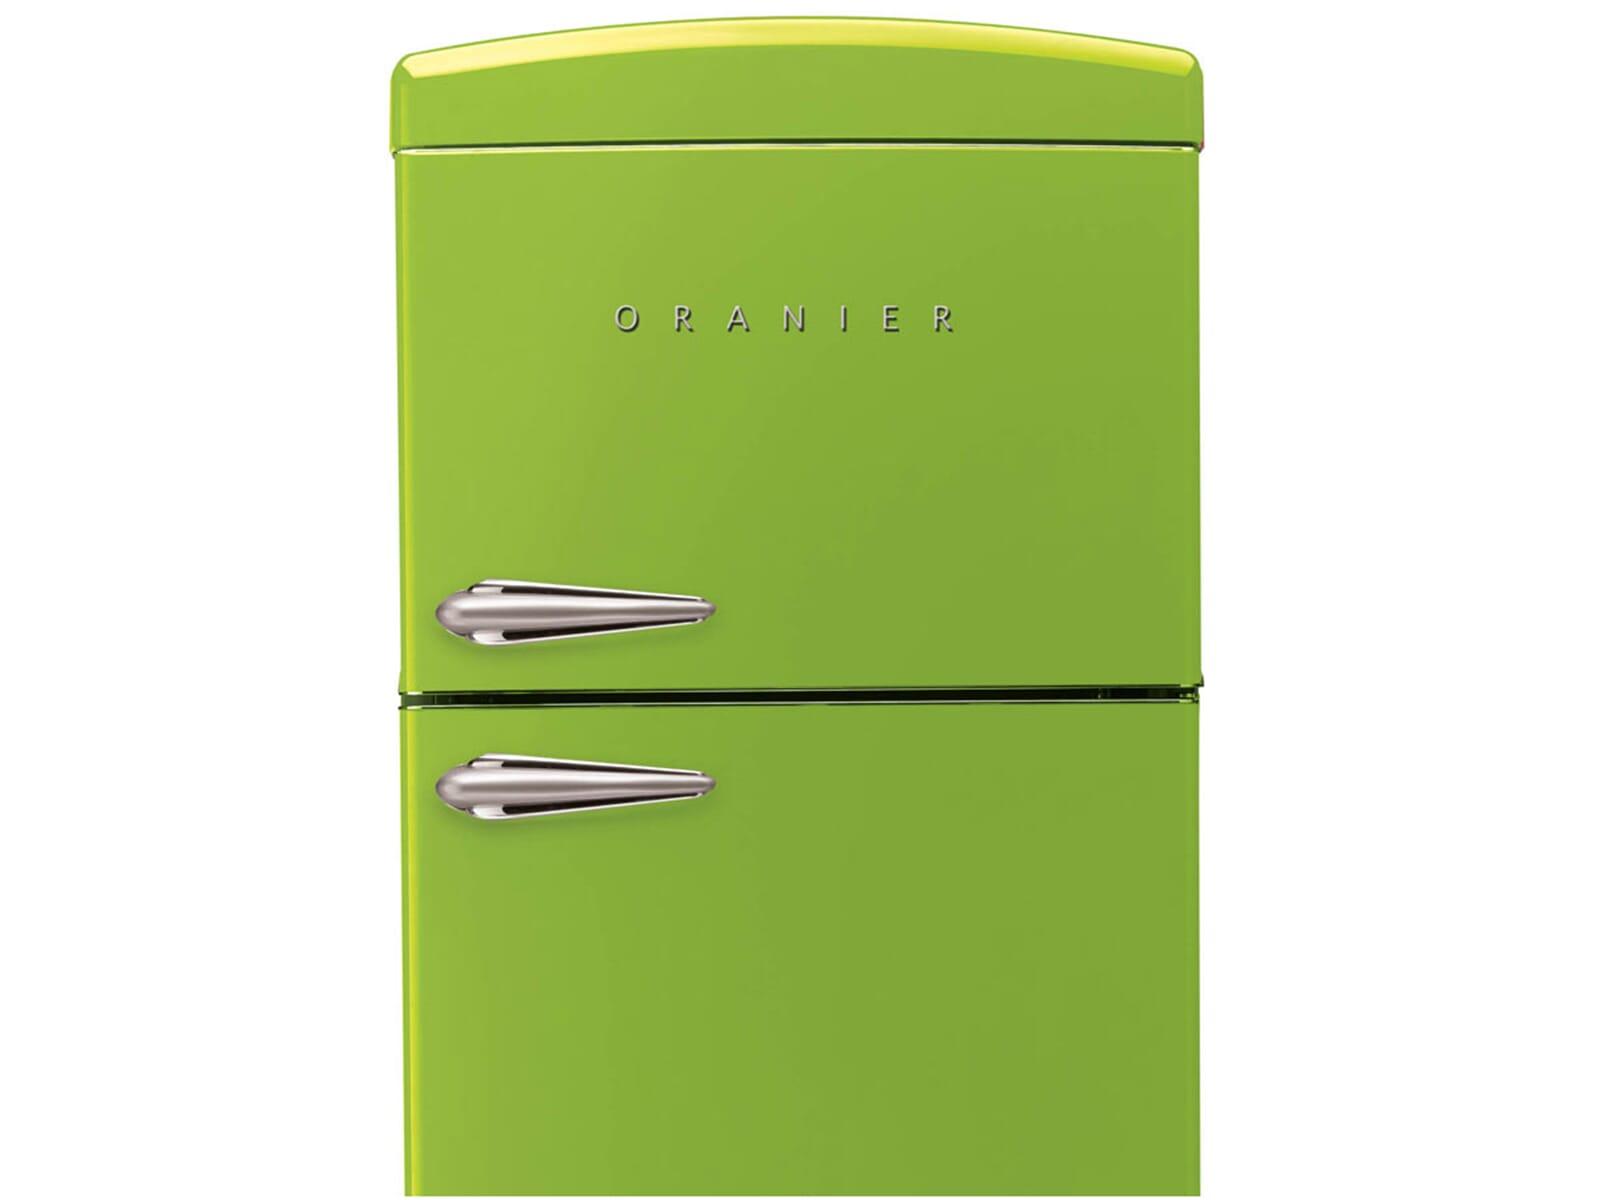 Oranier Retro Kühlschrank : Oranier rkg kühl gefrierkombination lindgrün